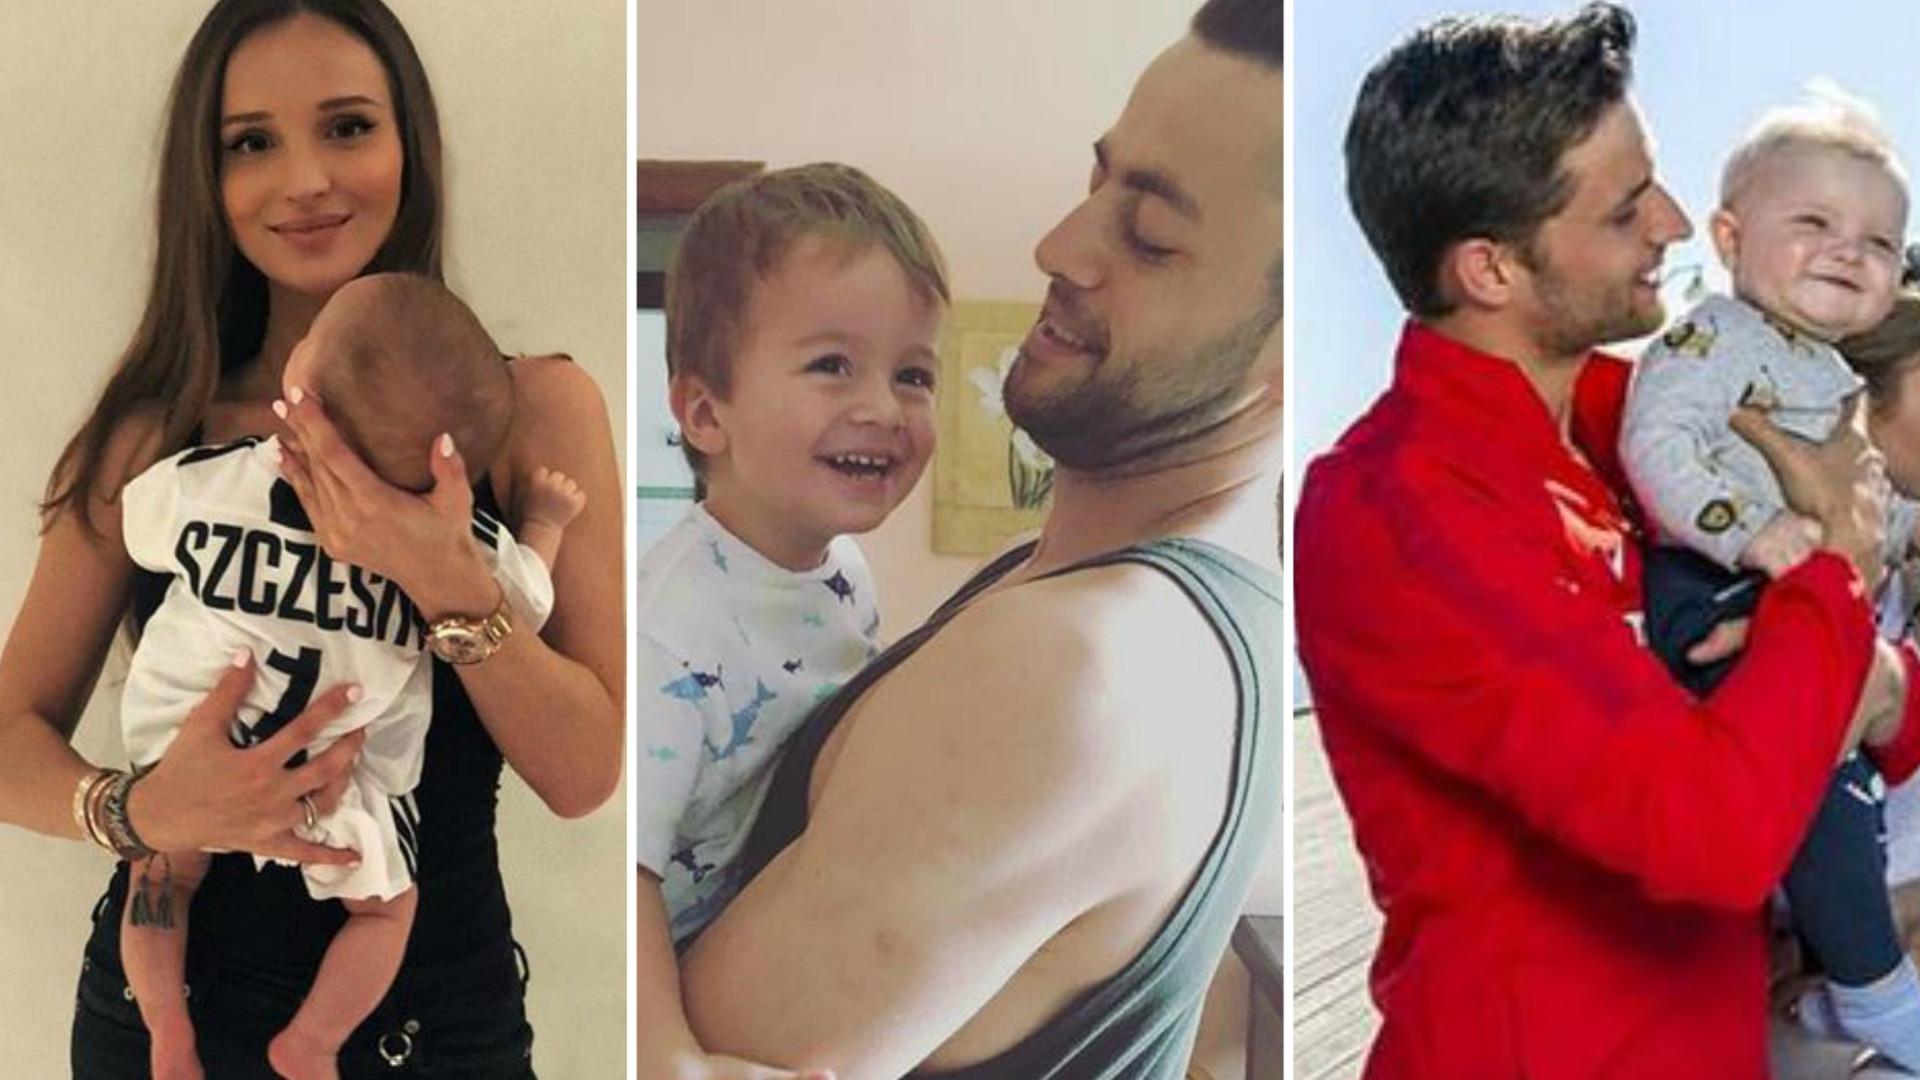 Dzieci polskich piłkarzy – wiedzieliście, że są TAKIMI tatusiami? (ZDJĘCIA)